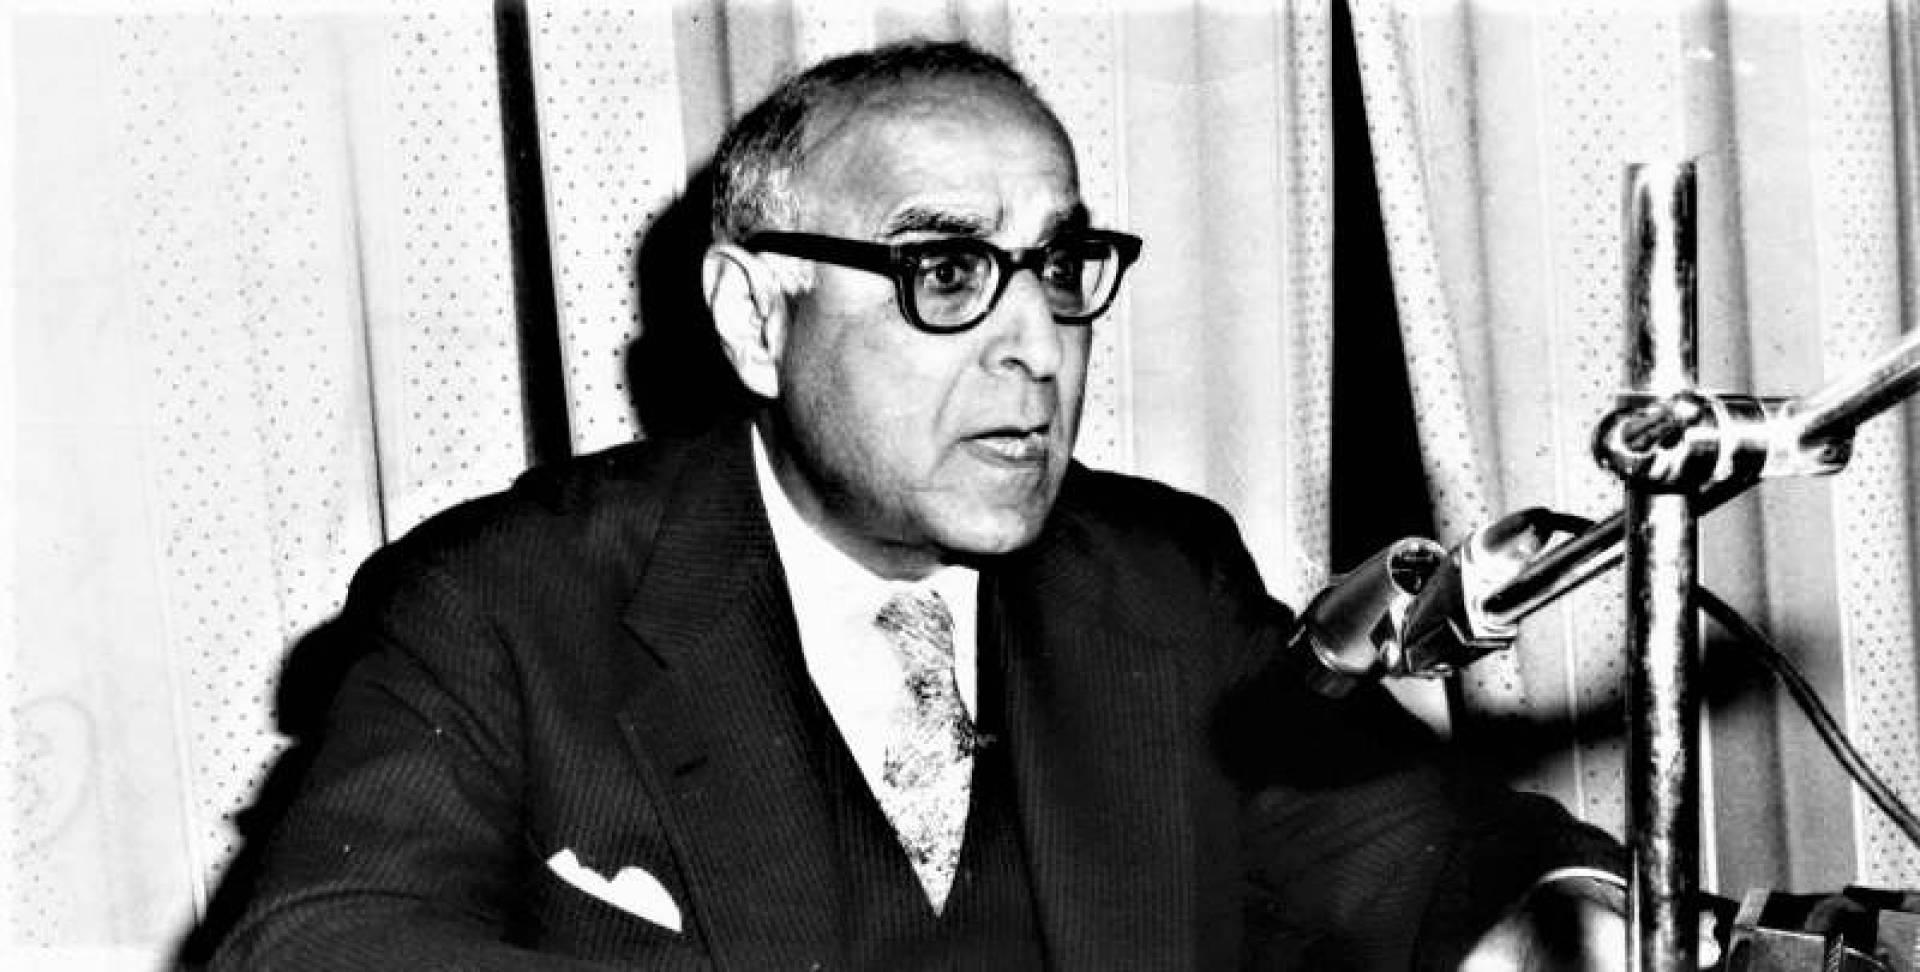 المفكر المصري الكبير الدكتور زكي نجيب محمود يحاضر في مكتبة حولي العامة.. أرشيفية